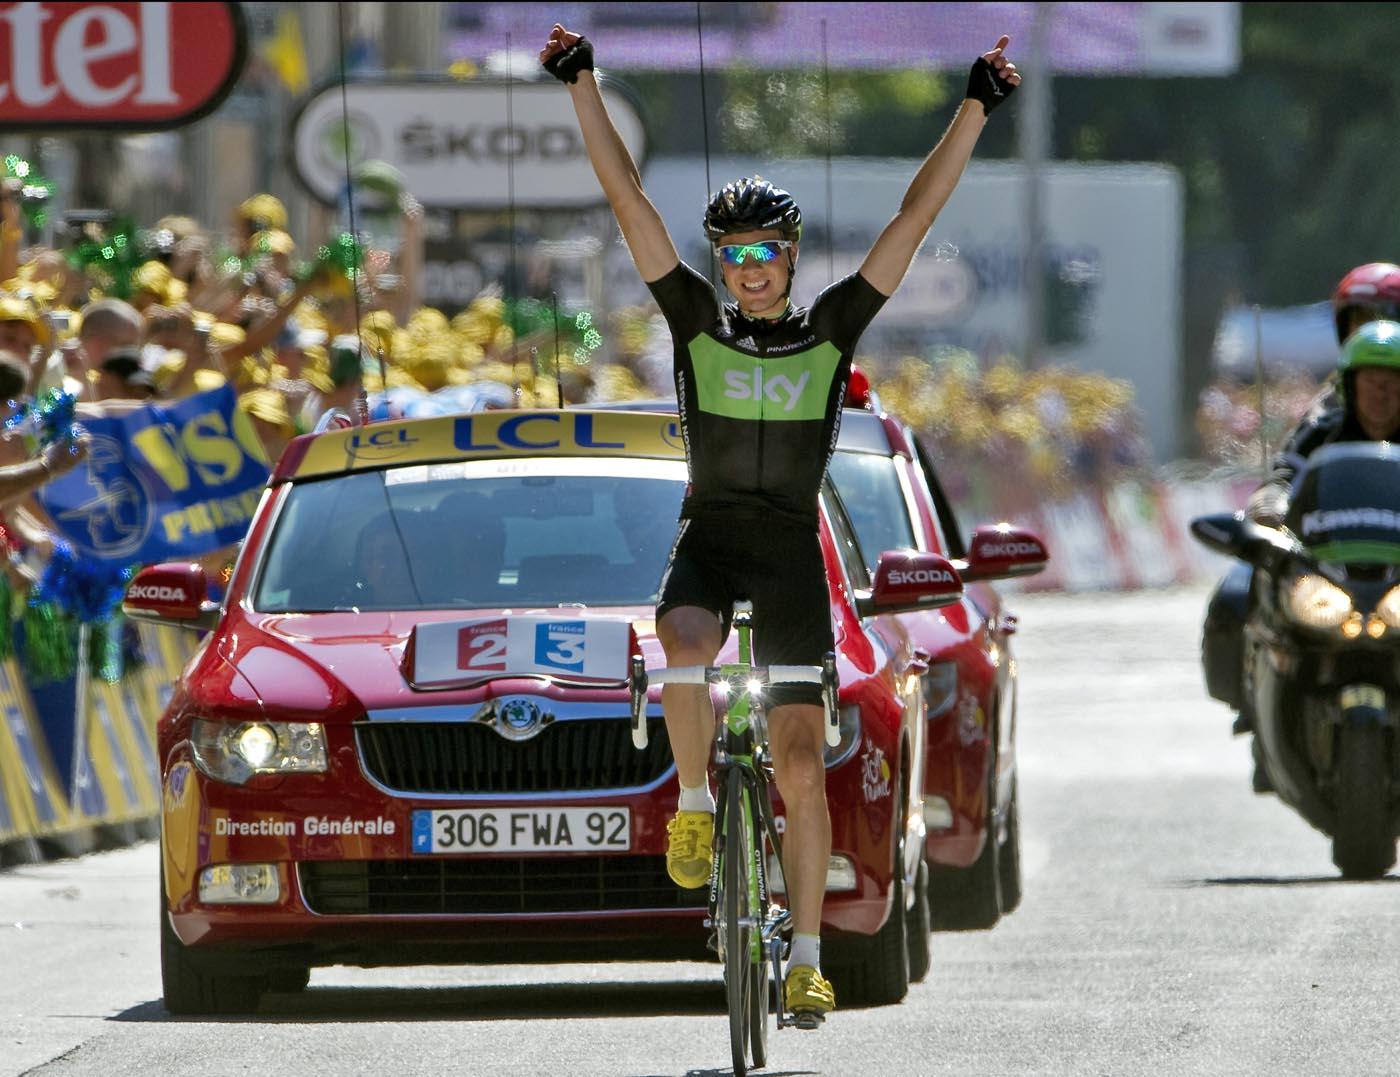 Edvald Boasson Hagen wins, Tour de France 2011 stage 17